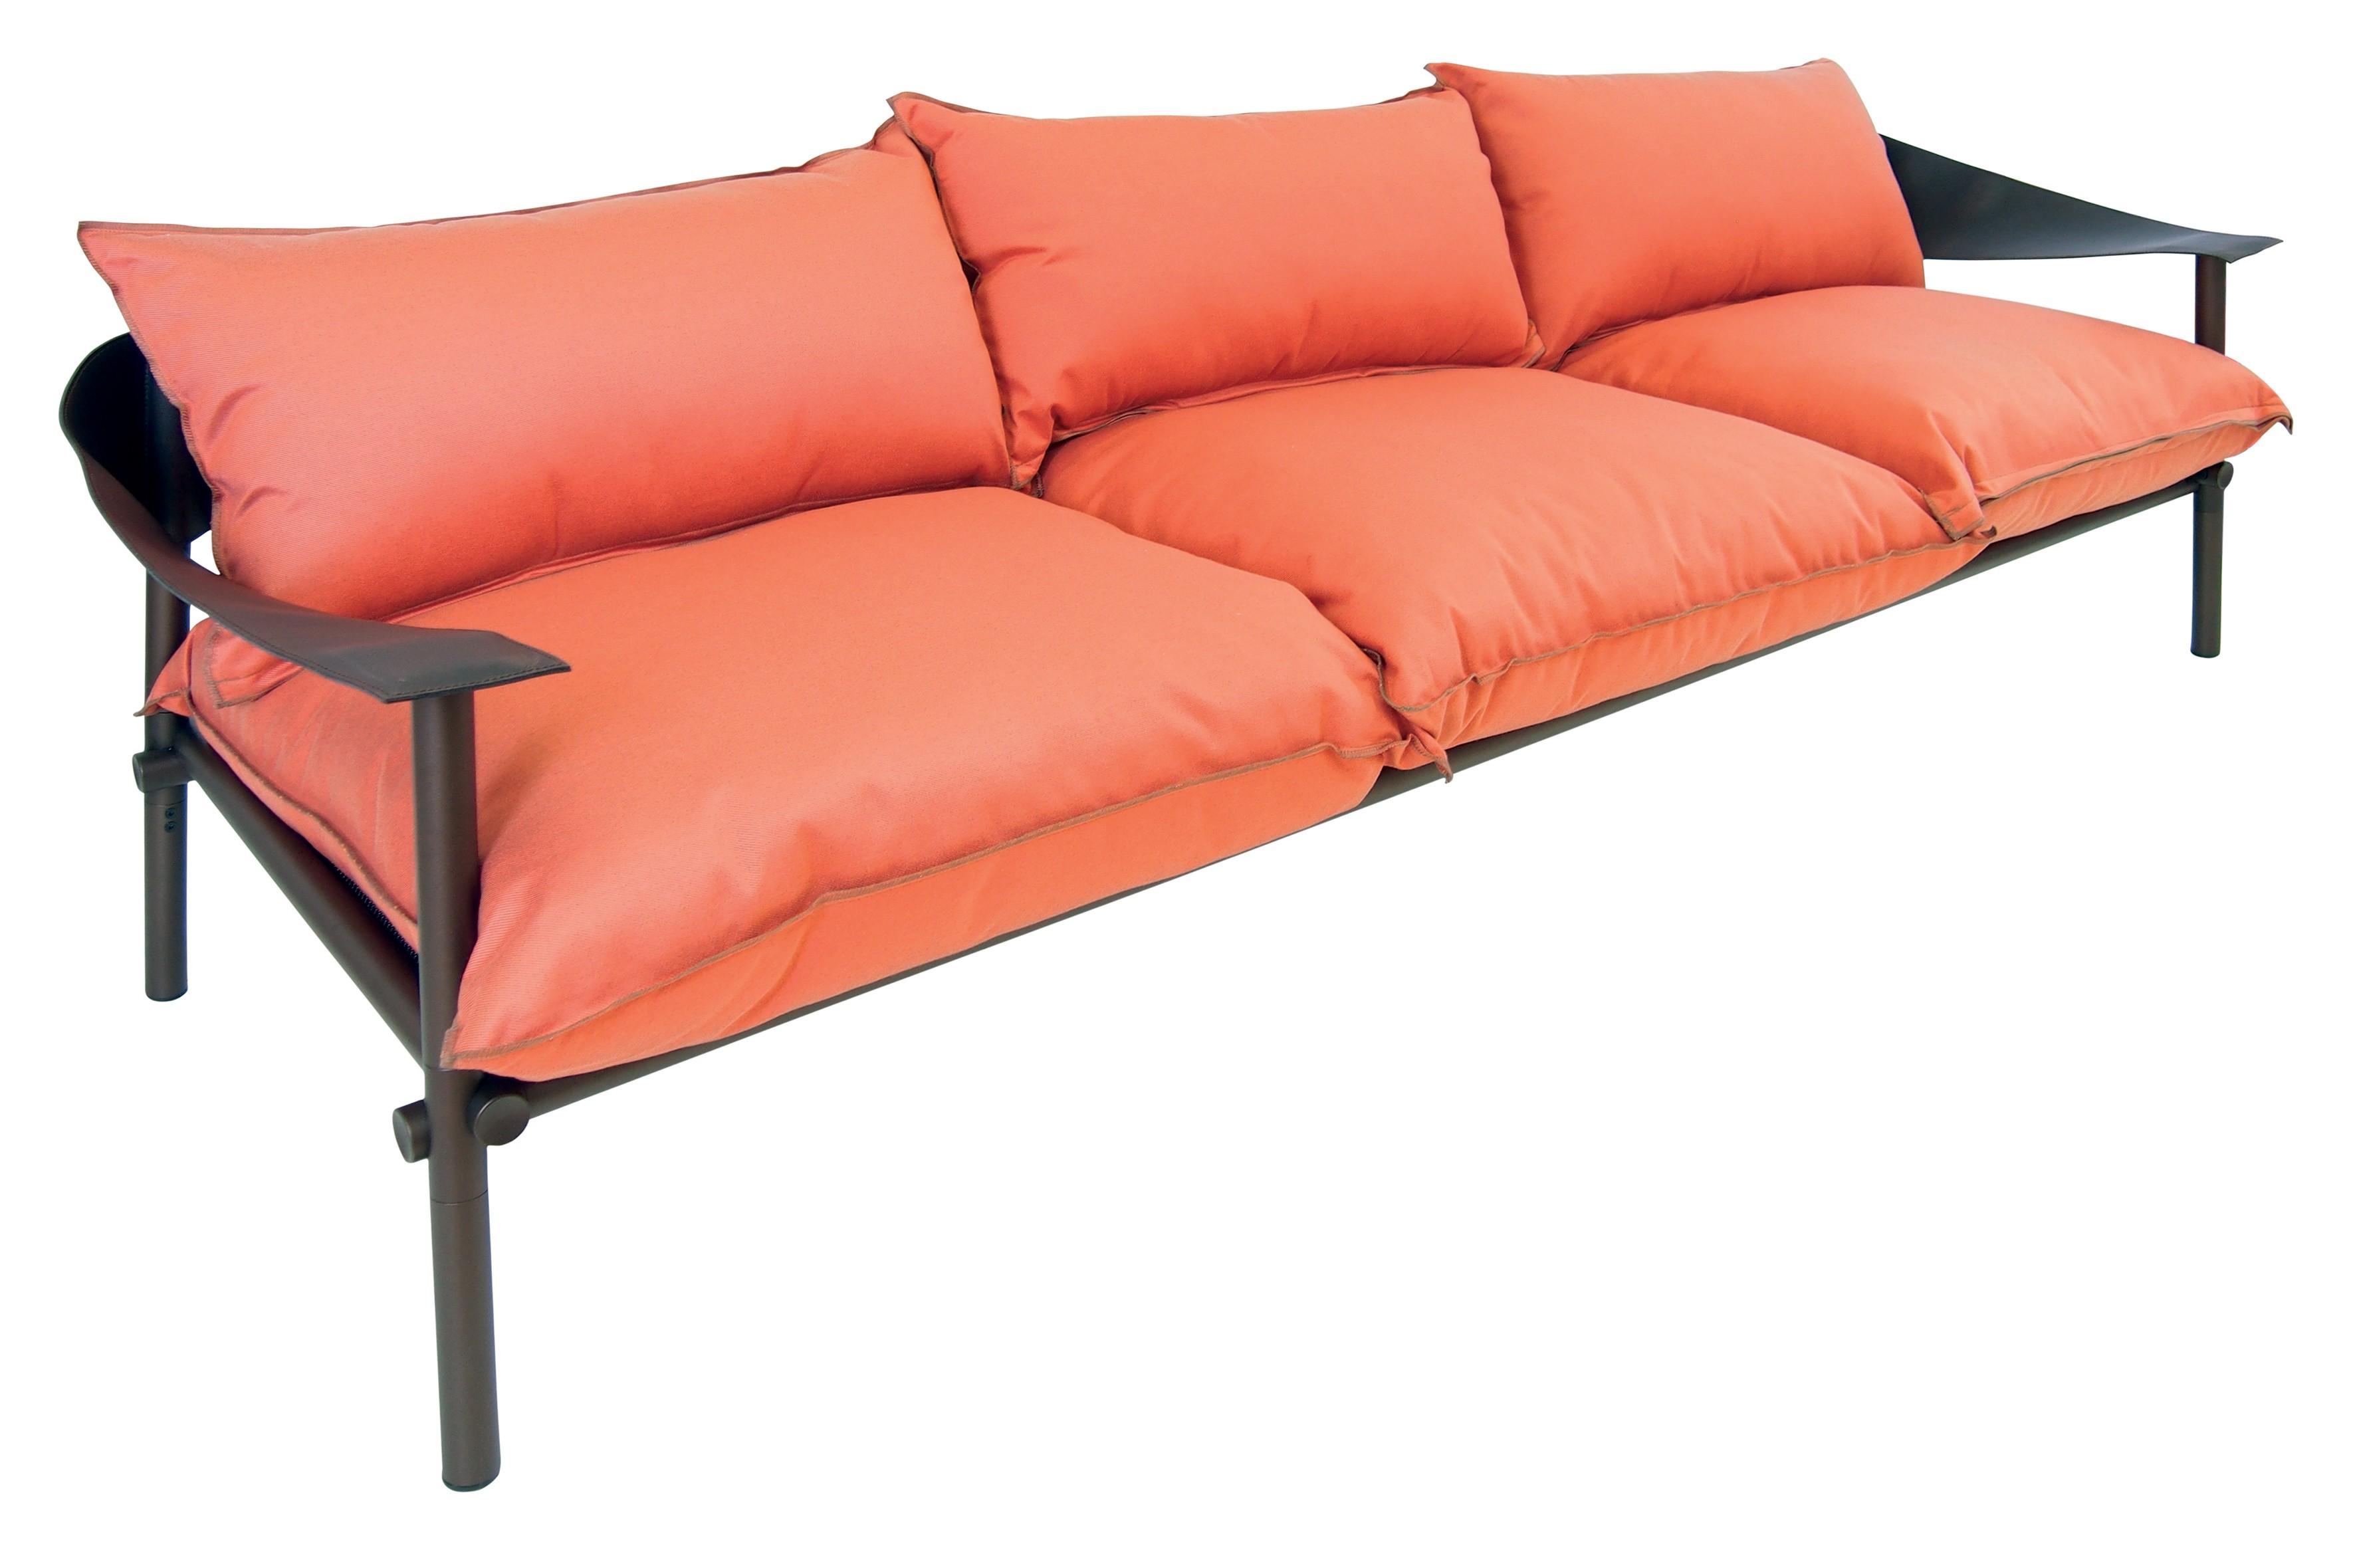 Sofa 3 places terramare avec coussins de emu for Places to get couches